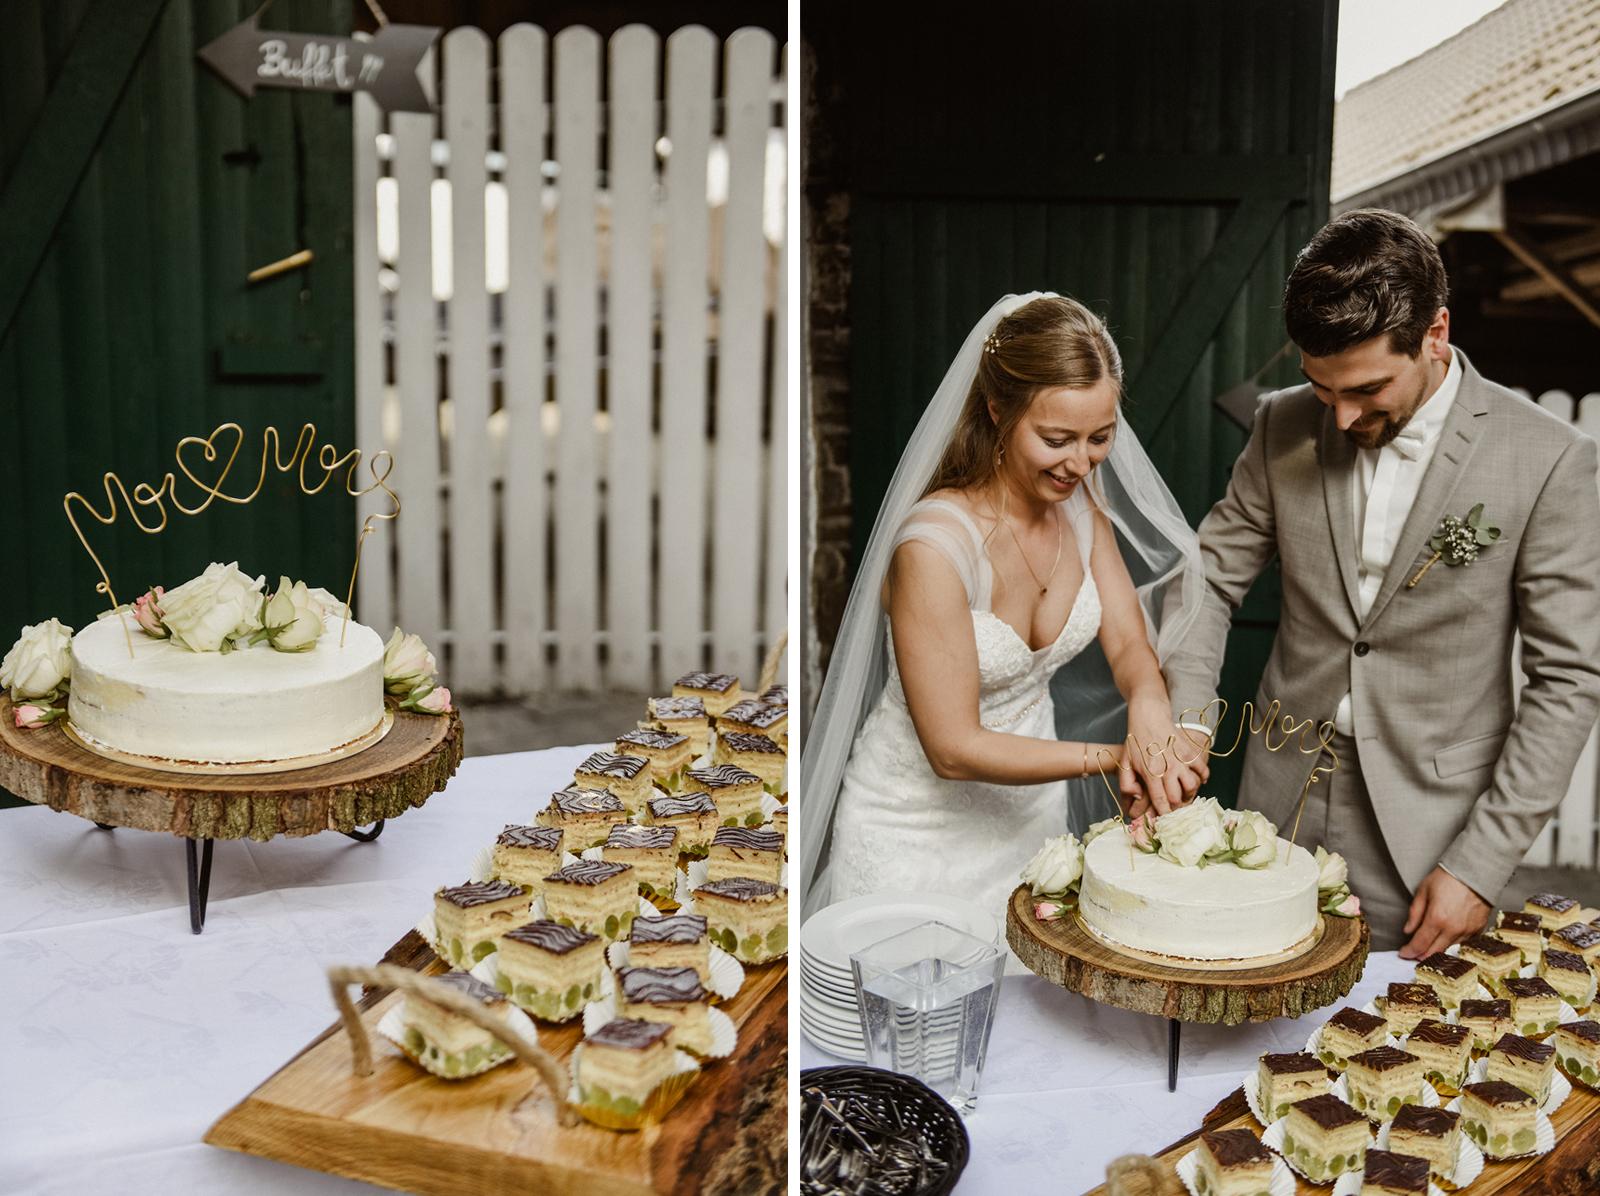 Hochzeitsreportage von Paula & Konrad in Koeln